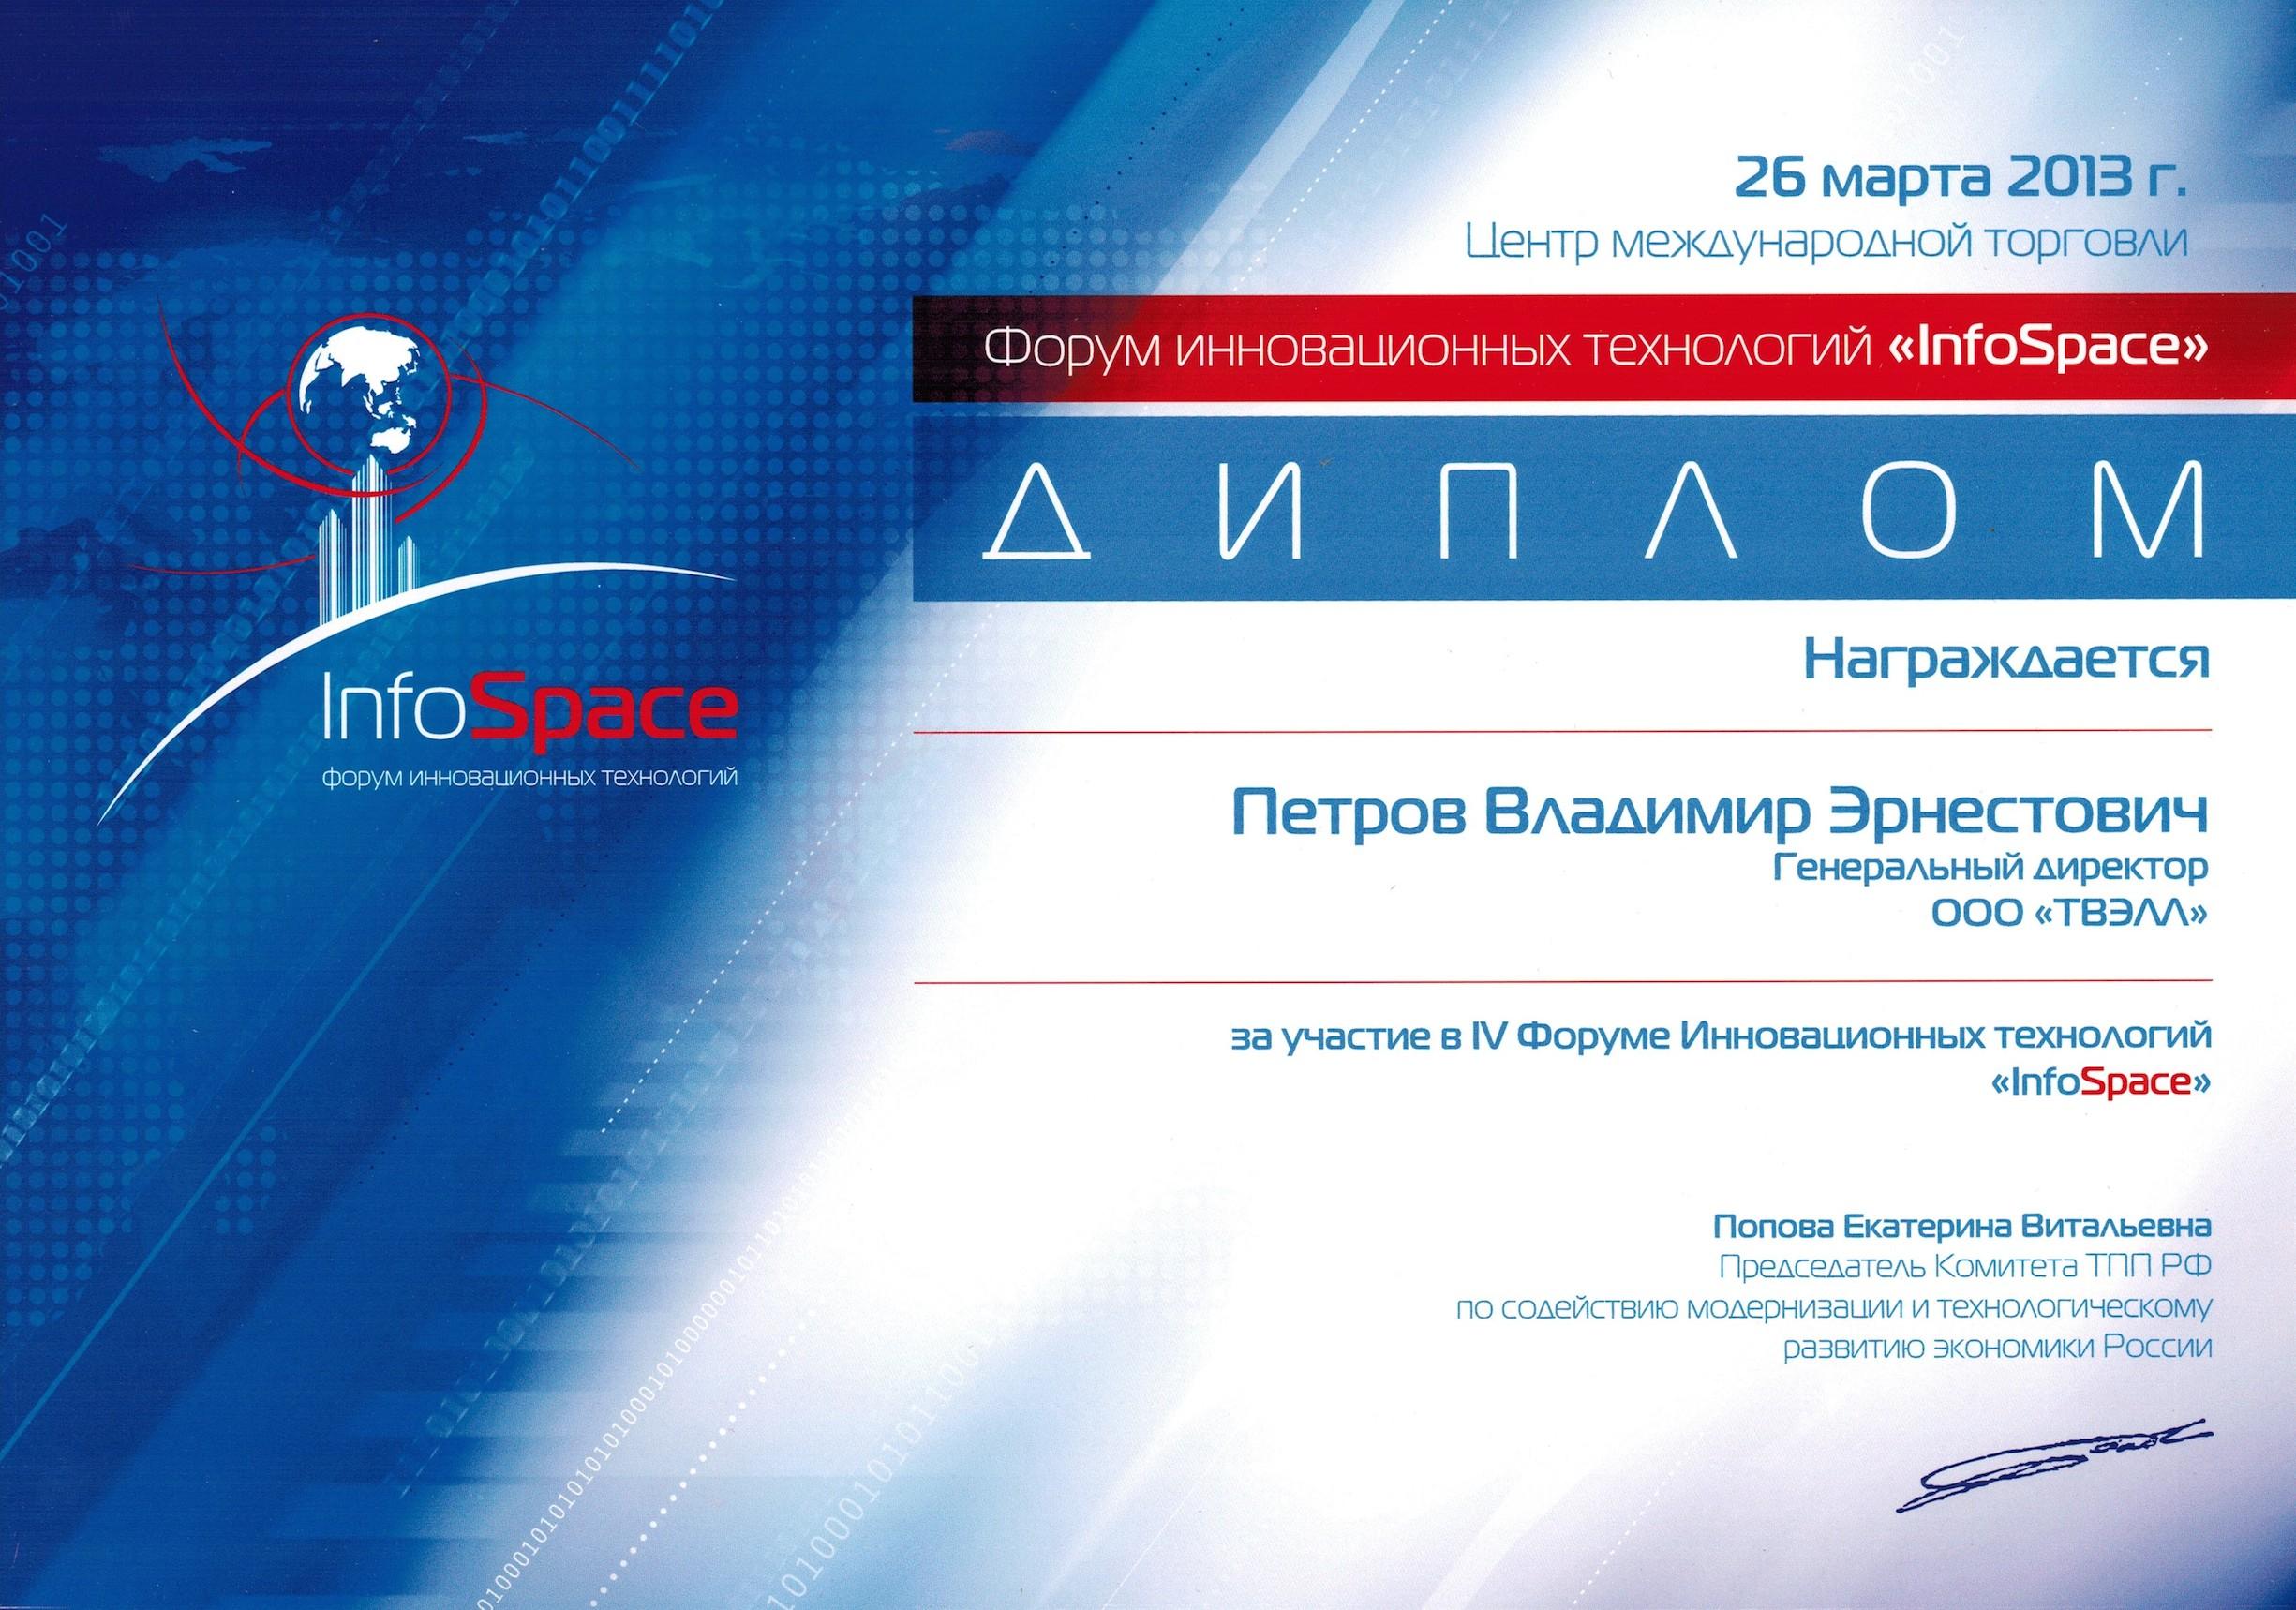 Infospace2013